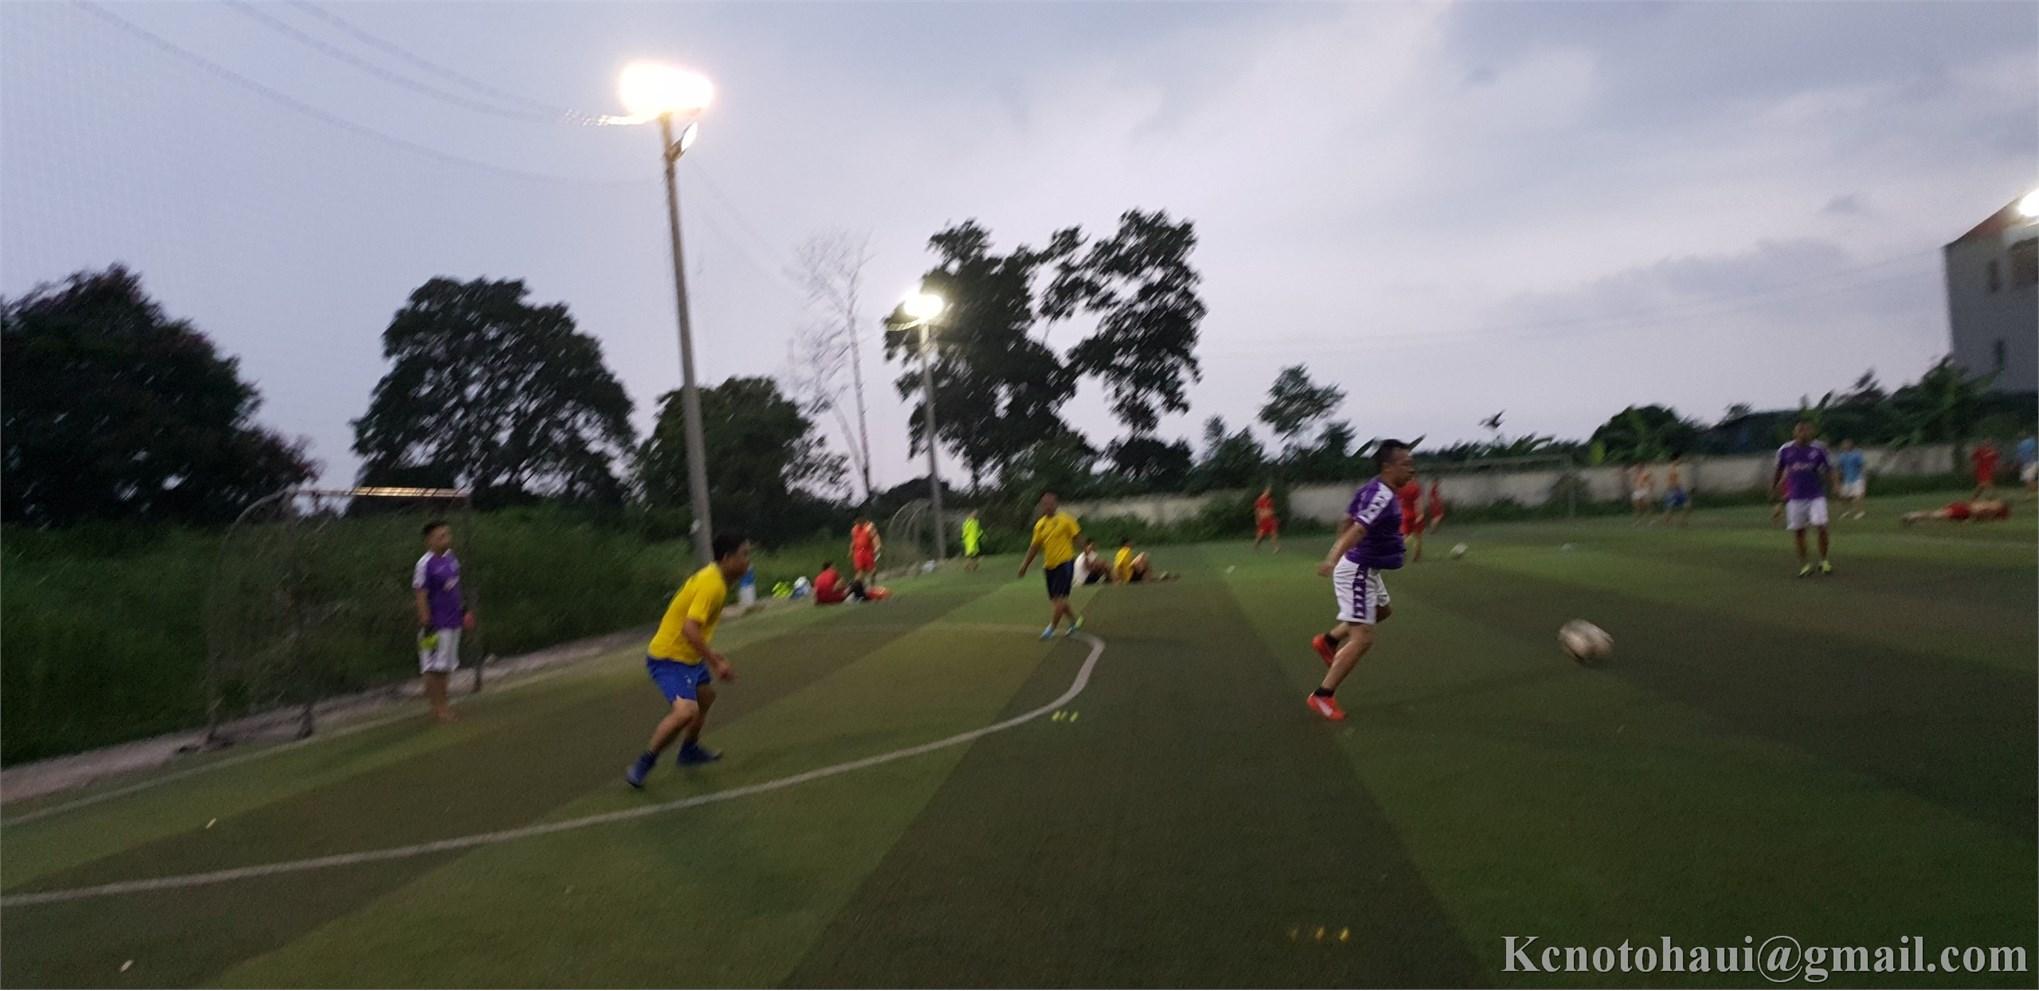 Buổi giao hữu bóng đá với đội tuyển cựu sinh viên ĐHÔTÔ Khóa 1